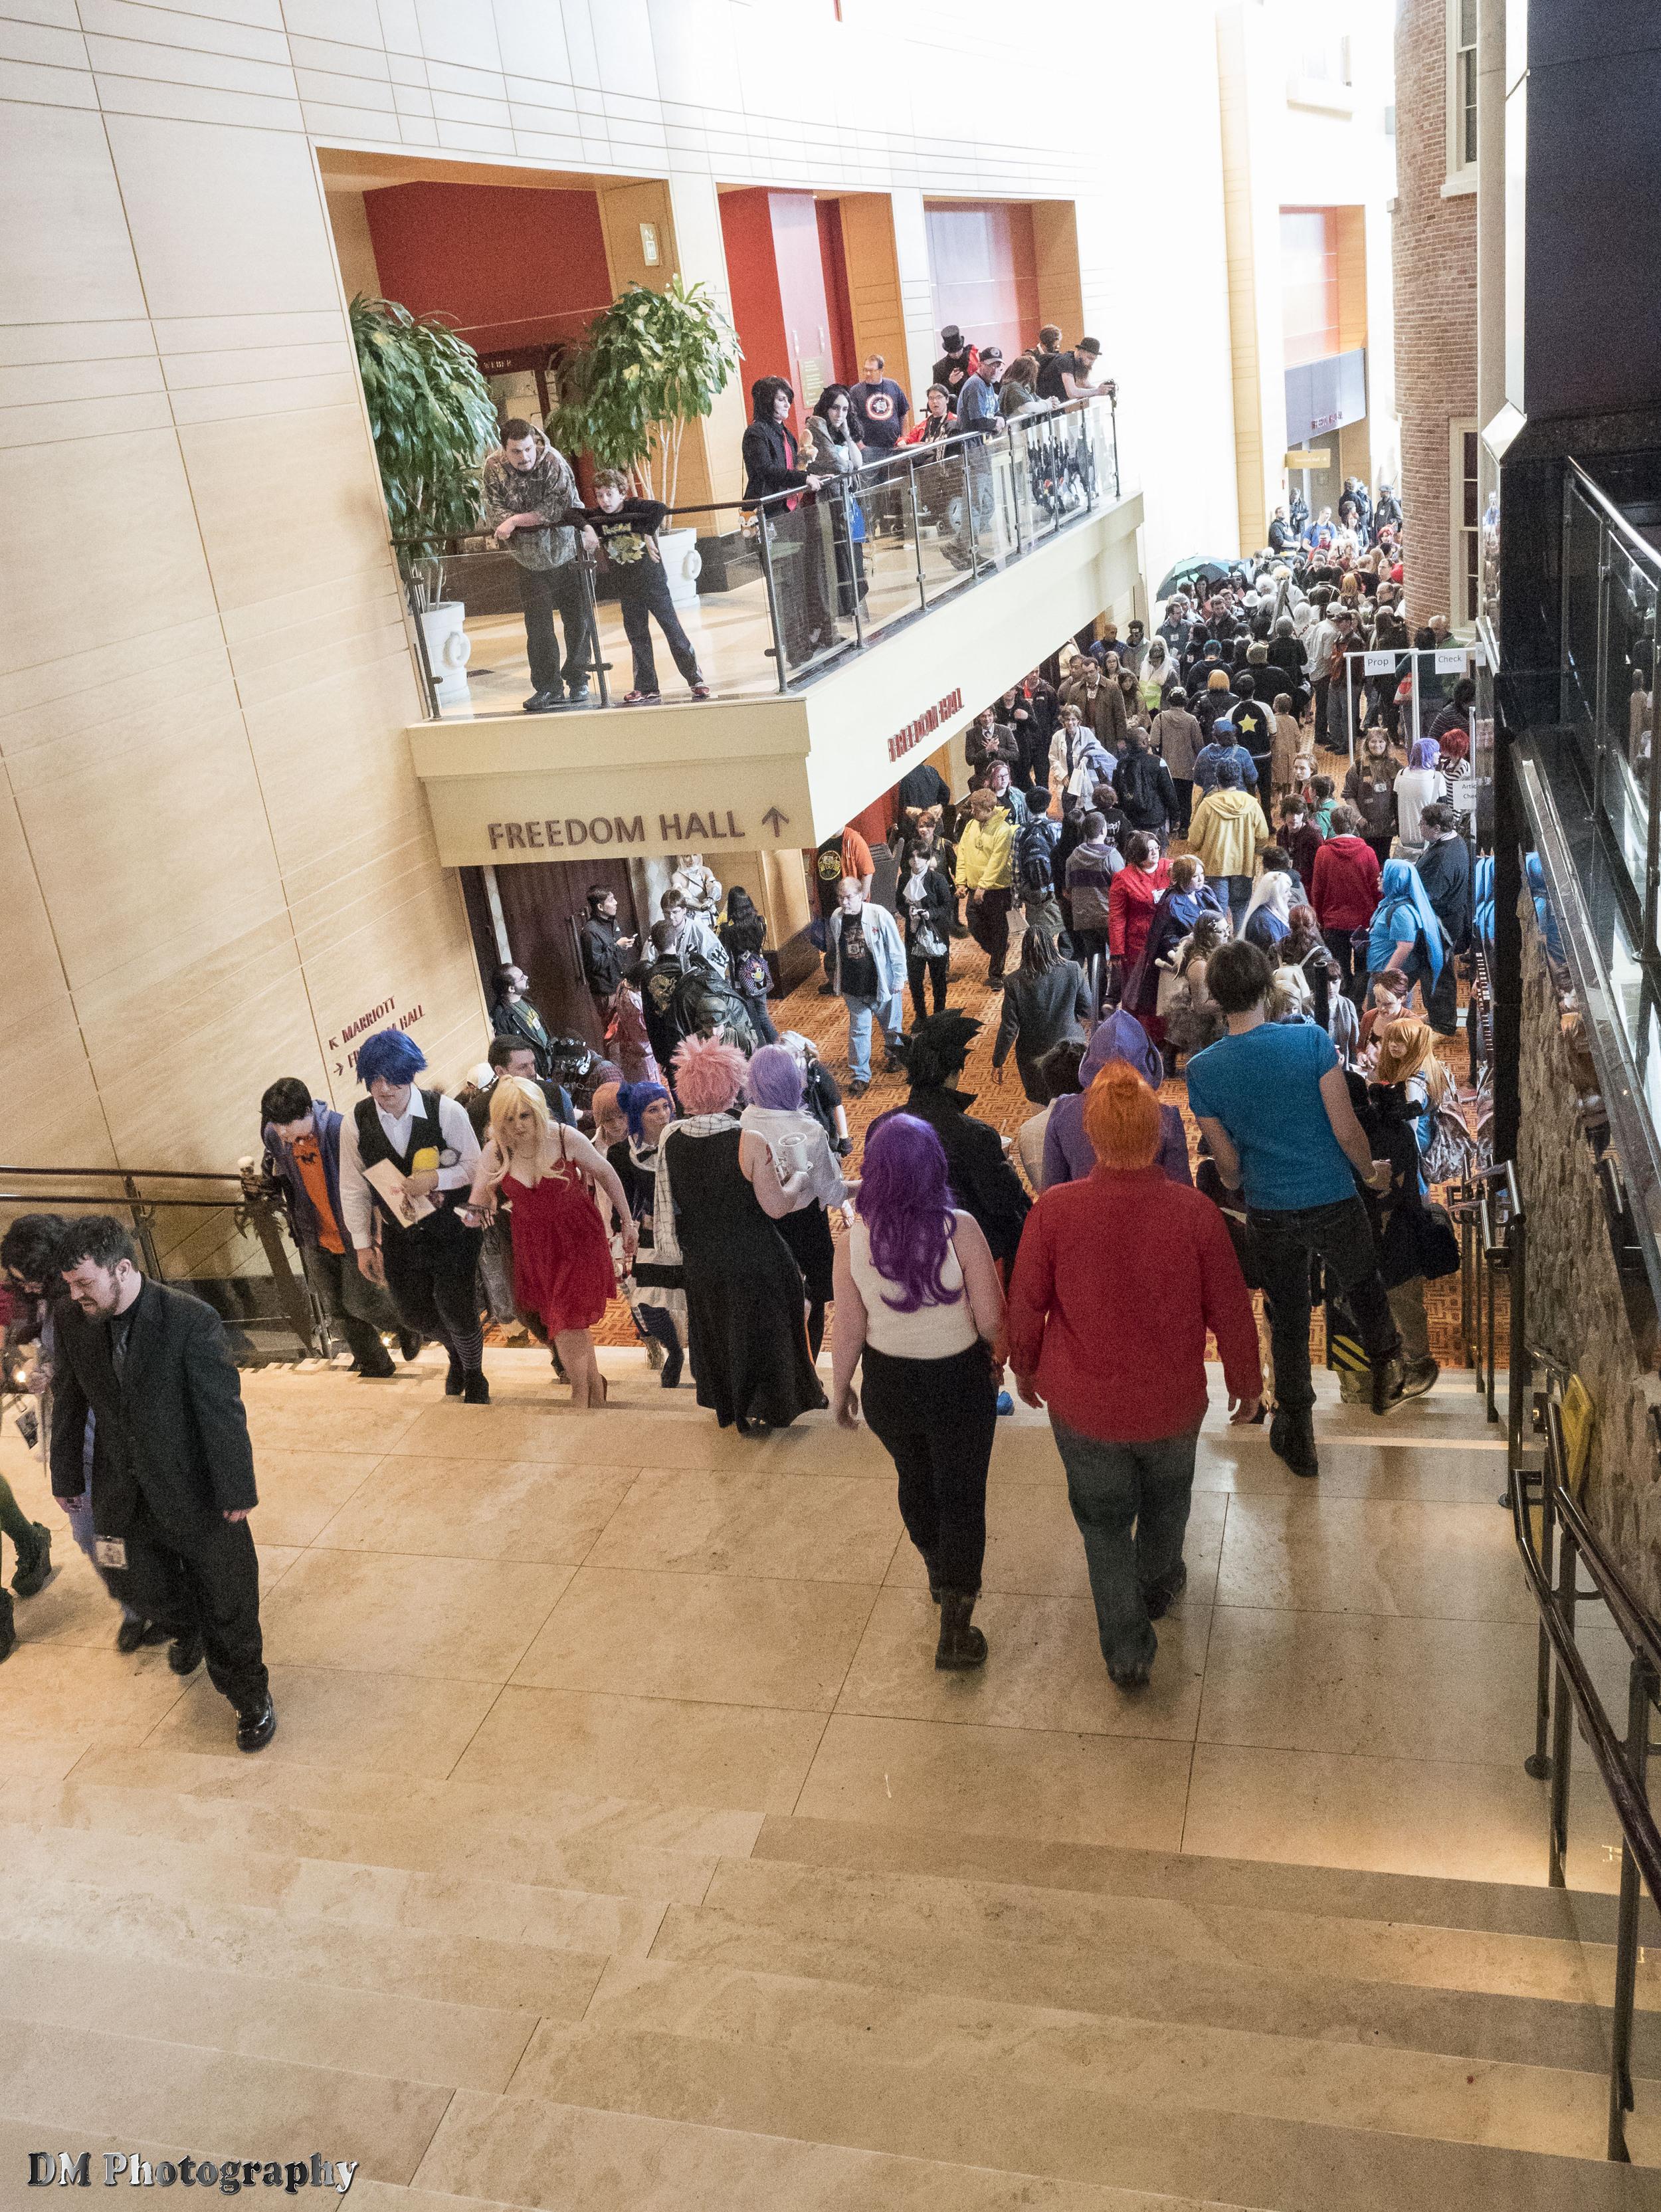 Stairway from main lobby